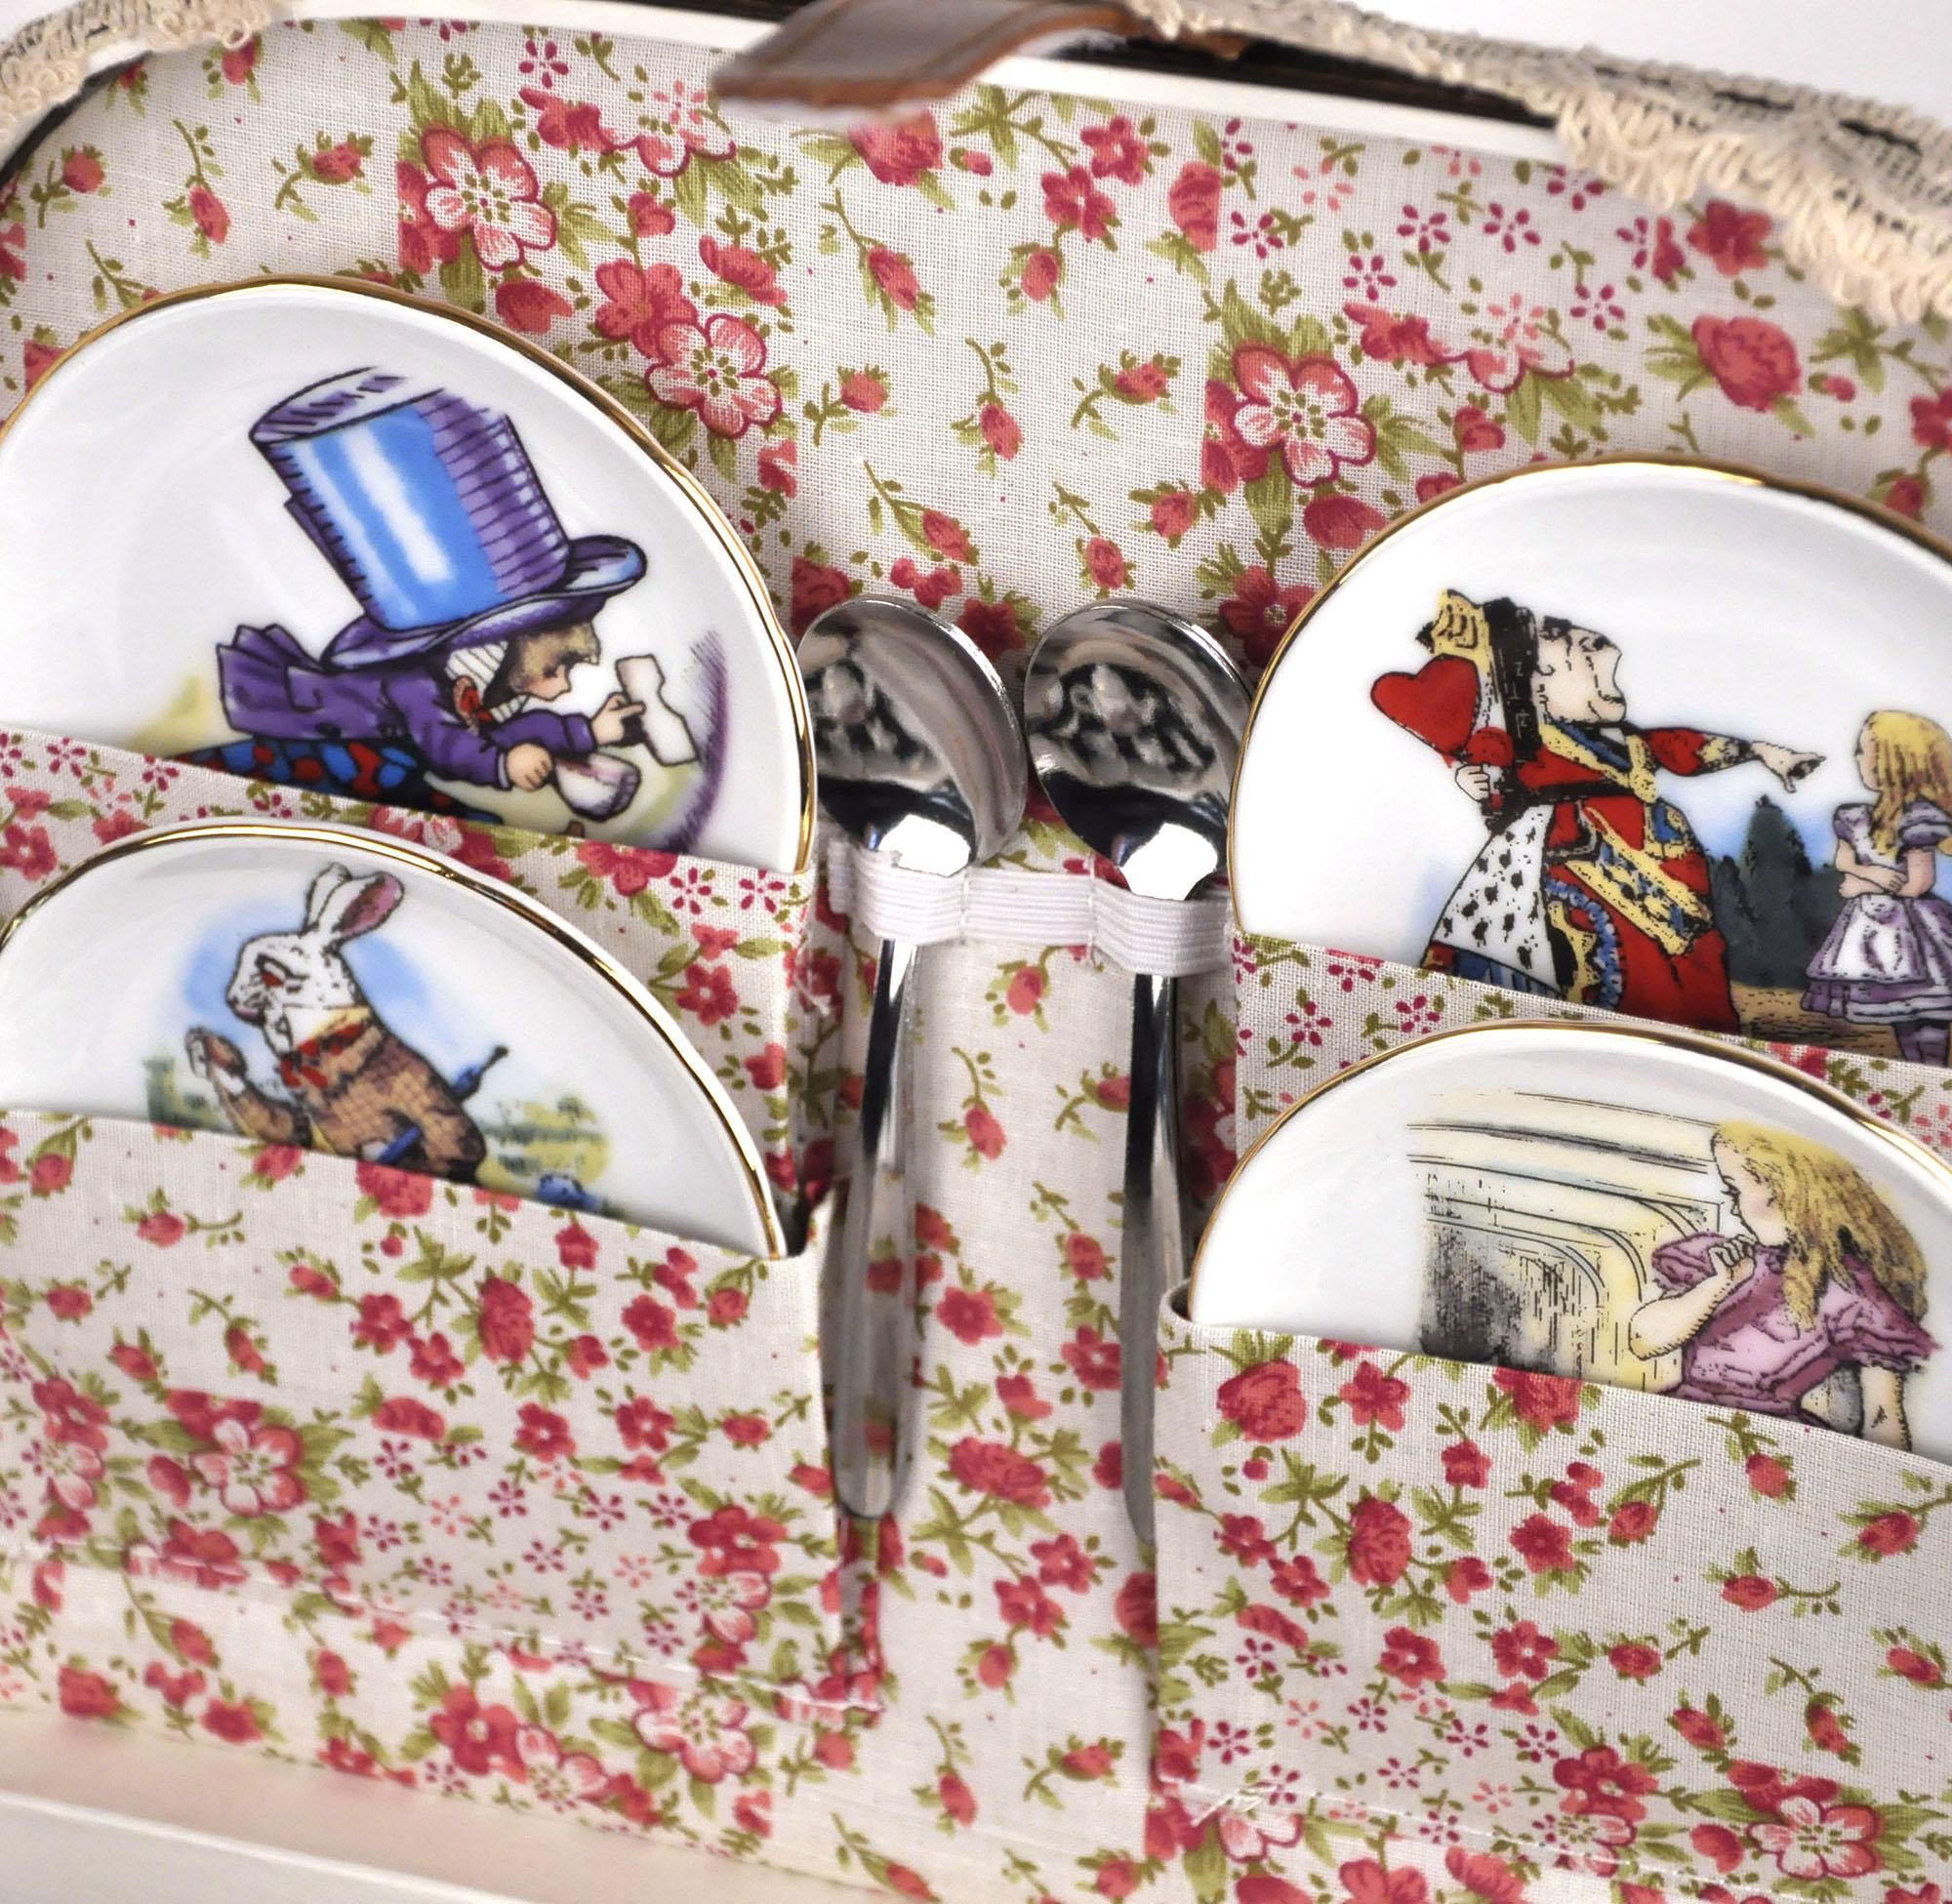 Alice in Wonderland Porcelain Tea Set and